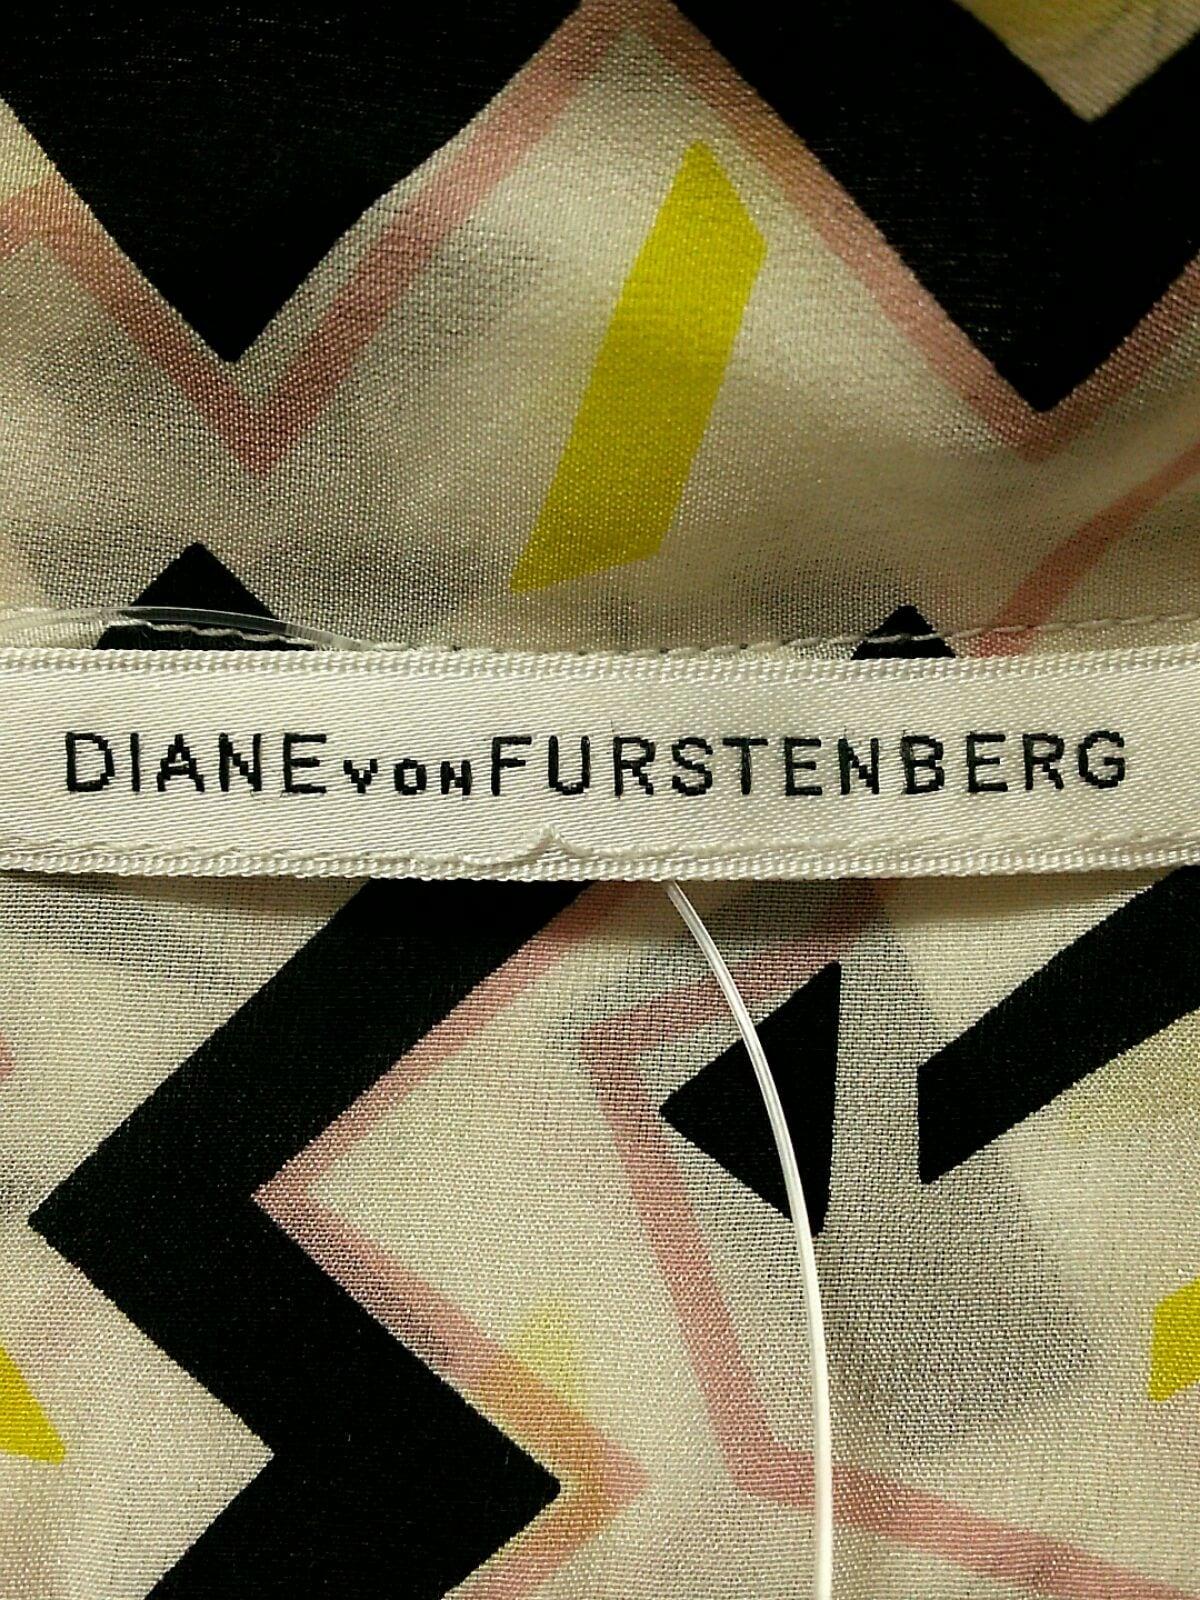 DIANE VON FURSTENBERG(DVF)(ダイアン・フォン・ファステンバーグ)のワンピース